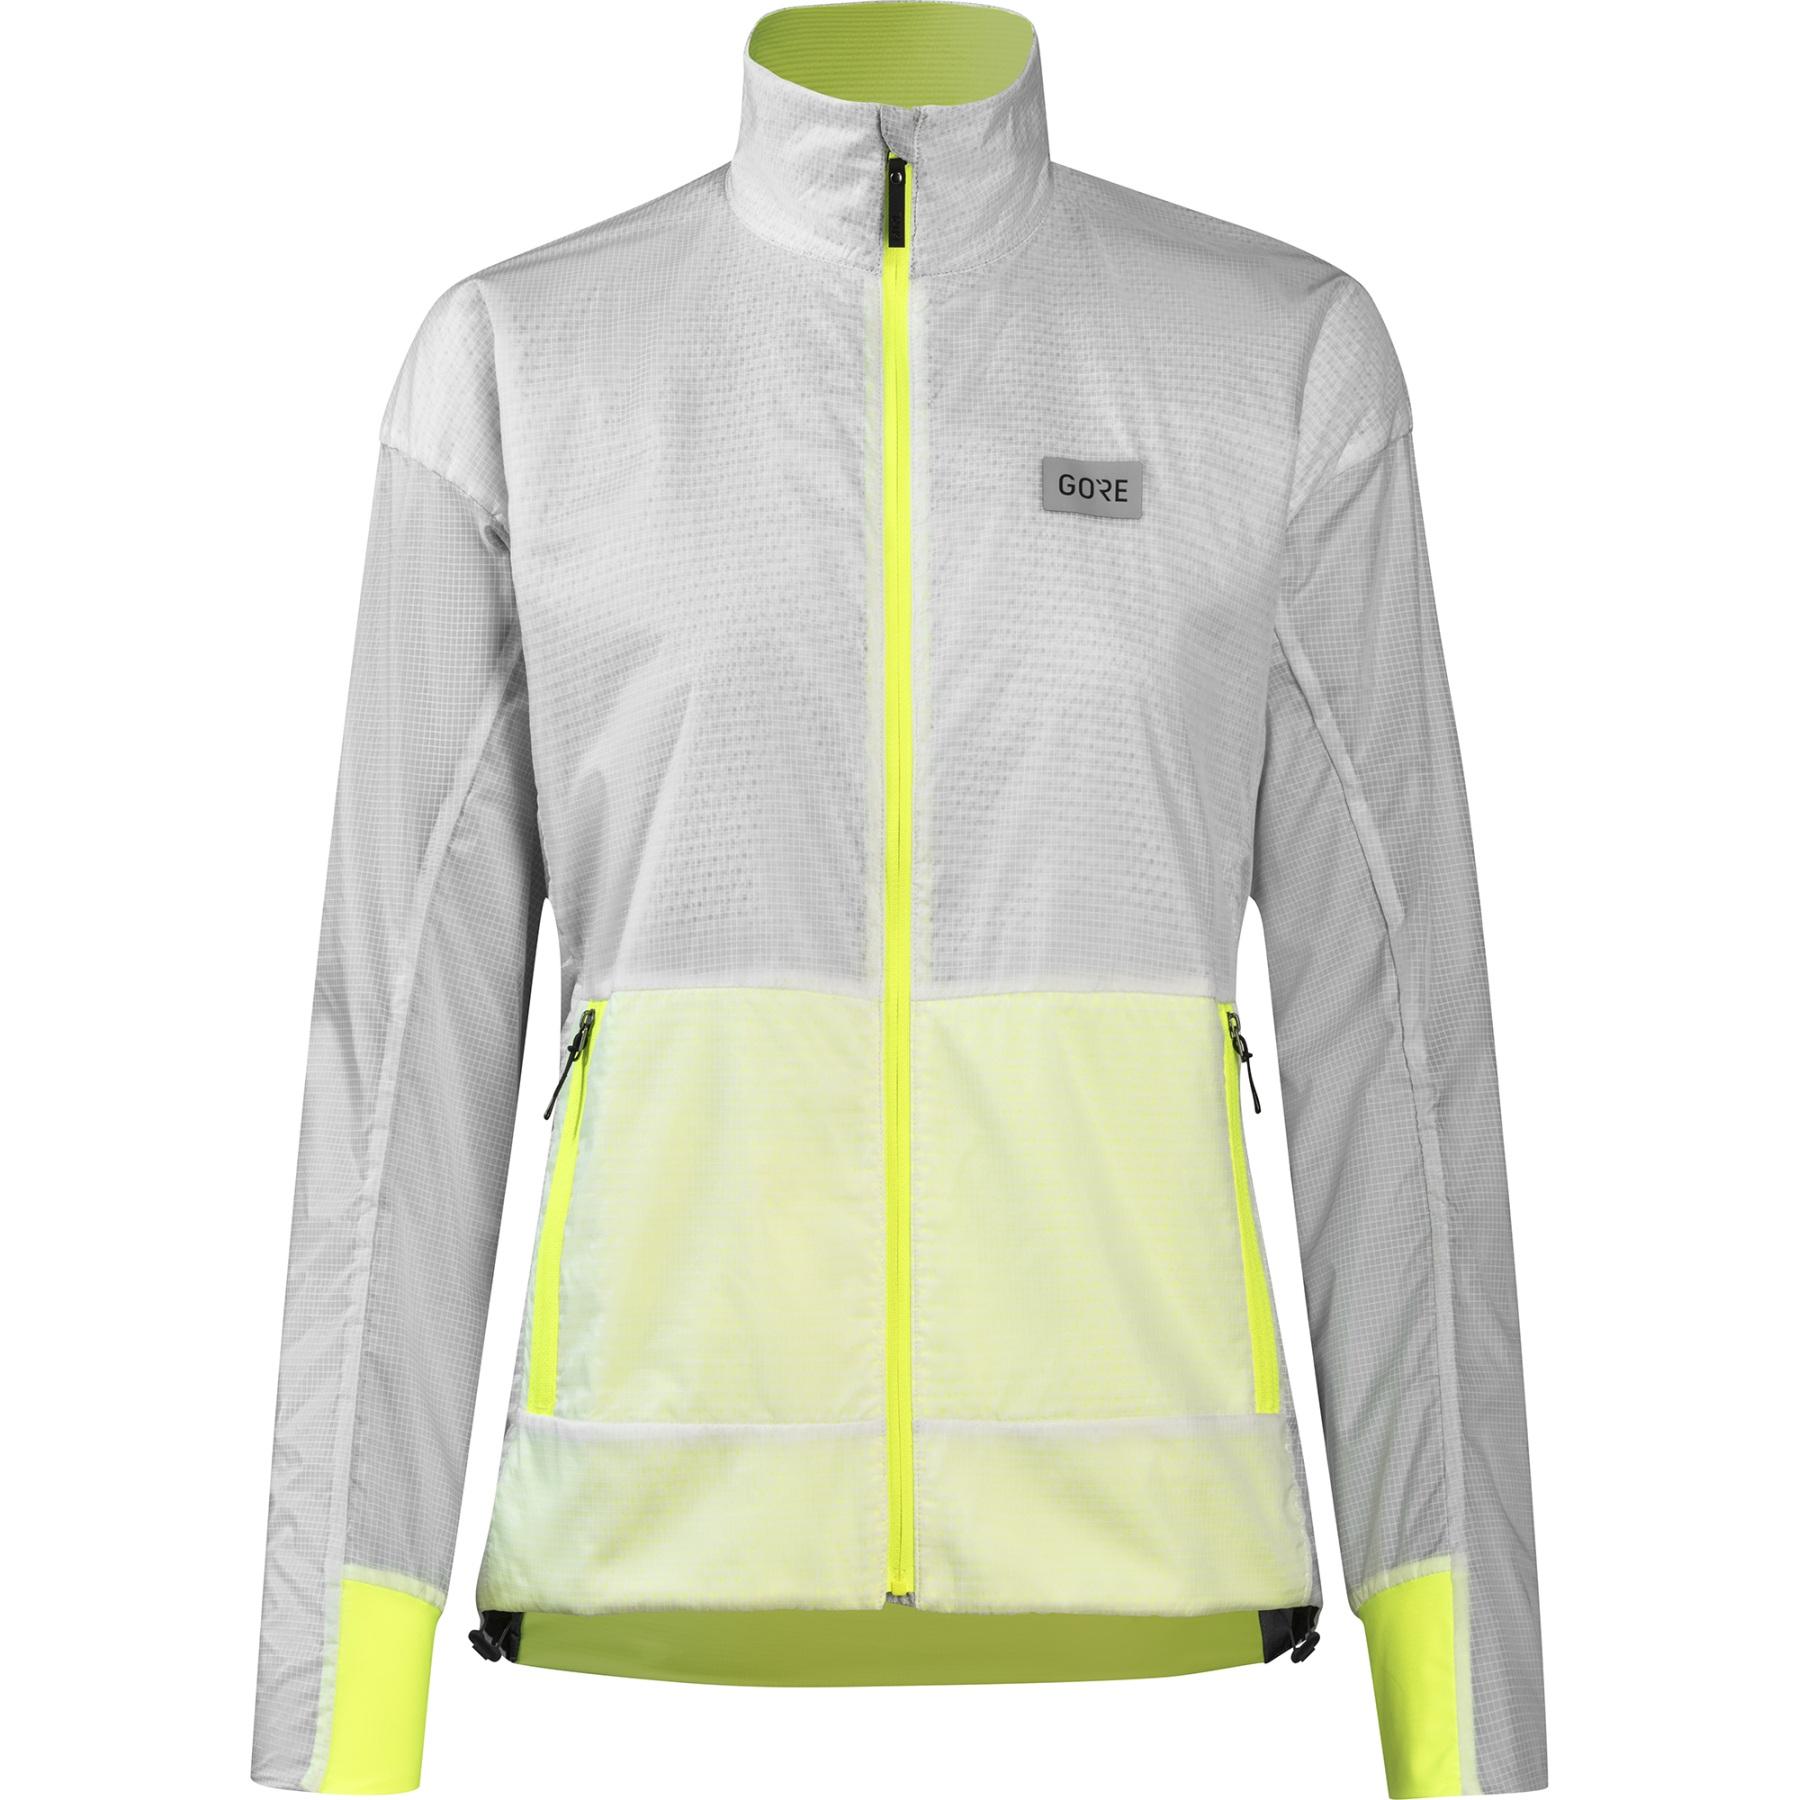 Produktbild von GORE Wear Drive Damen Laufjacke - weiß/neon gelb 0108